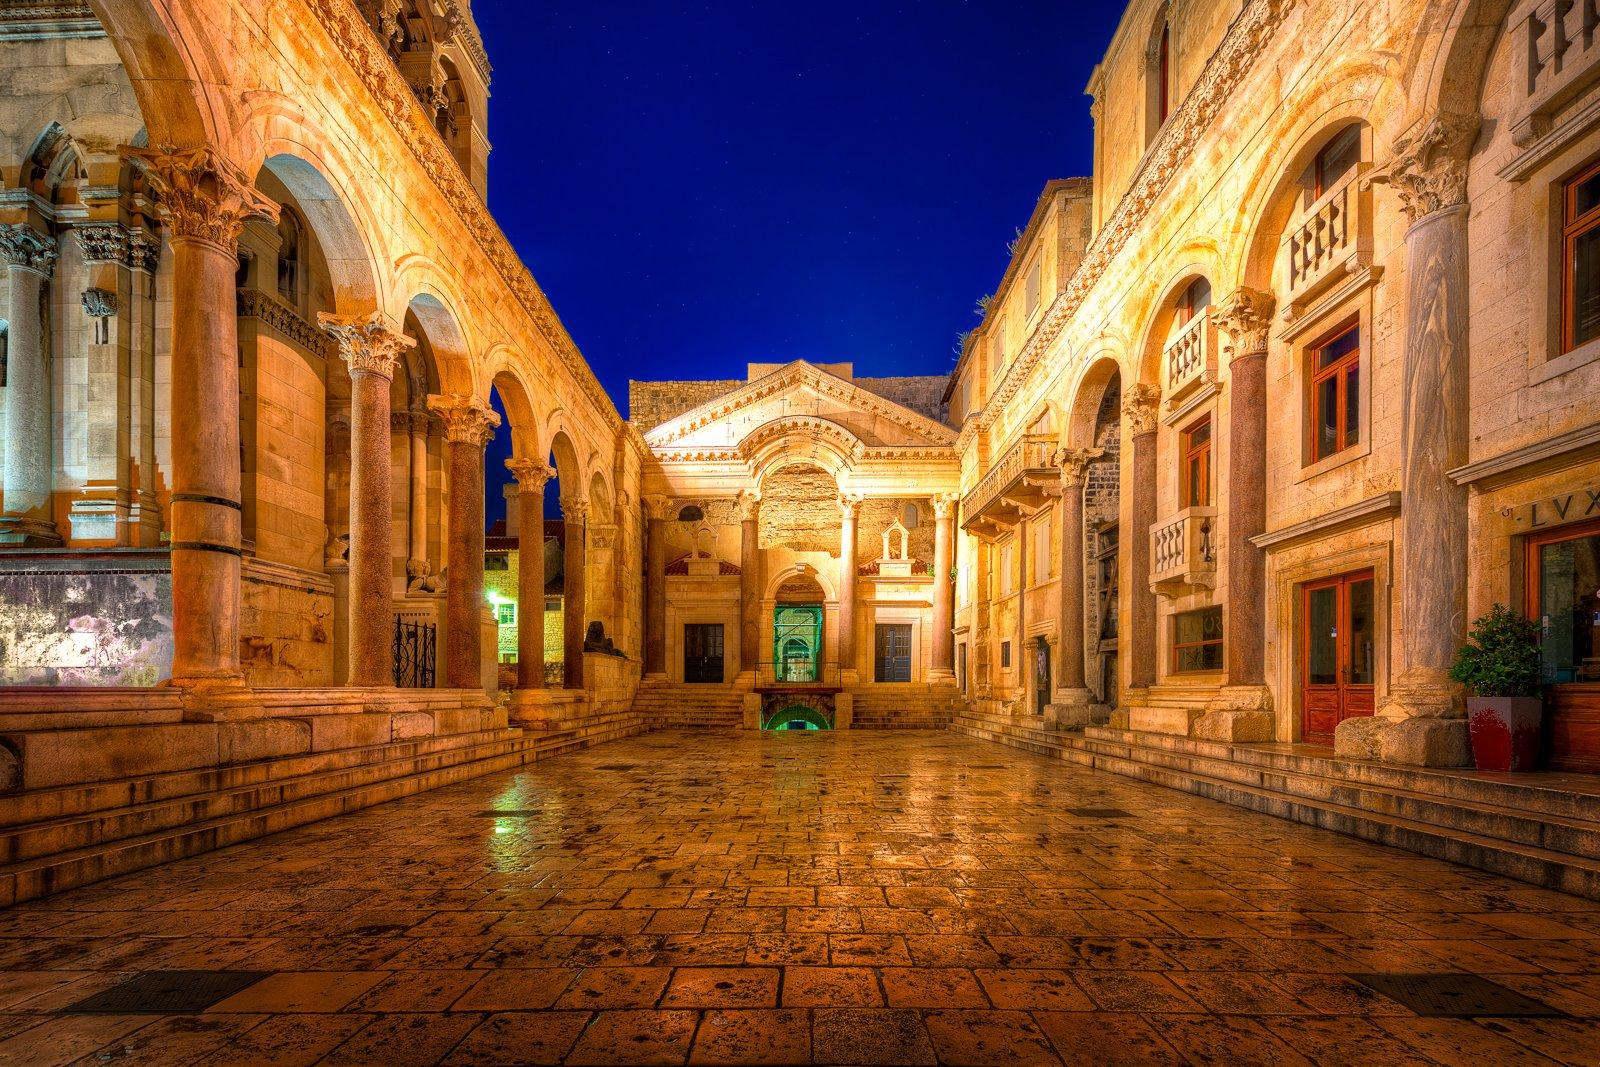 Ruiny Pałacu Dioklecjana wcześnie rano | Split, Chorwacja